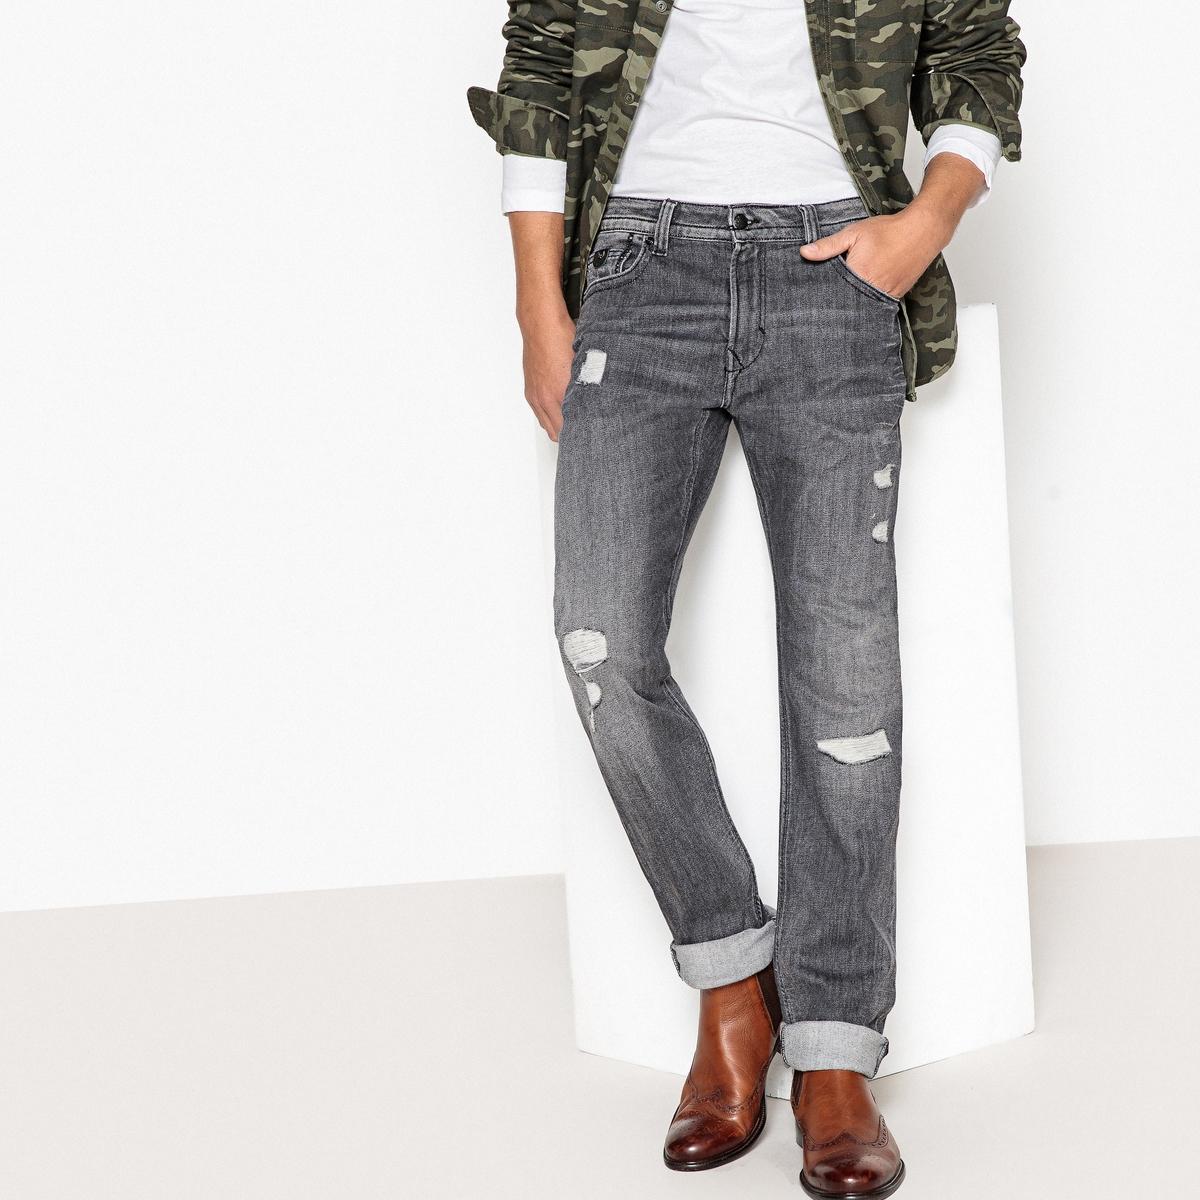 Джинсы прямые с рваным эффектом Broz джинсы прямые 3 12 лет